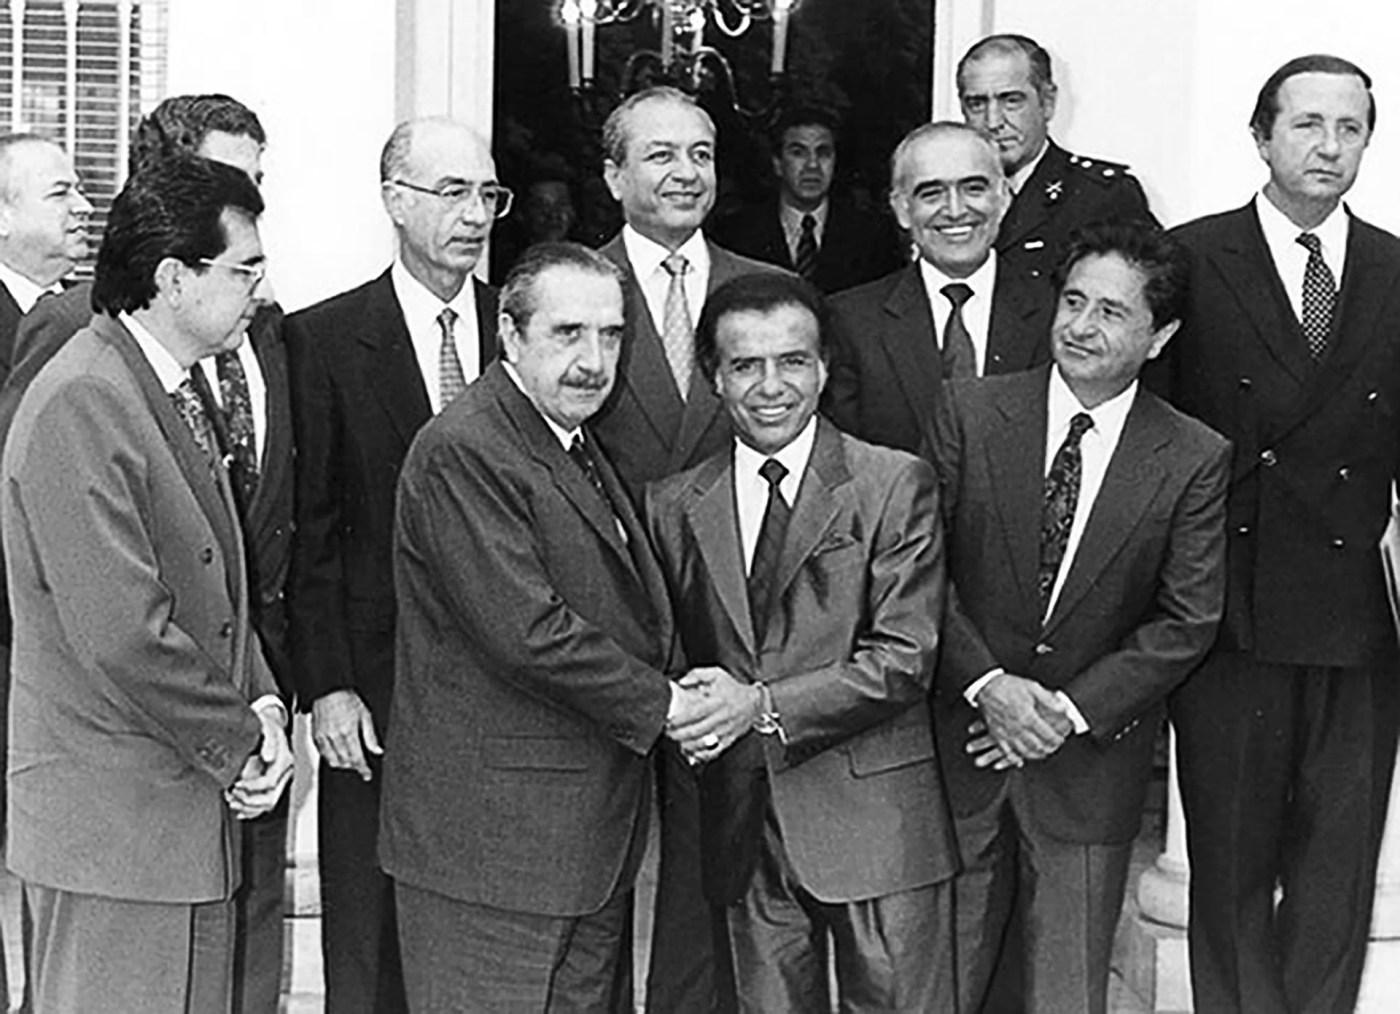 En 1993 tuvo lugar el Pacto de Olivos, un acuerdo entre Carlos Menem y Raúl Alfonsín para modificar la Constitución nacional y habilitar la reelección por primera vez en la historia argentina